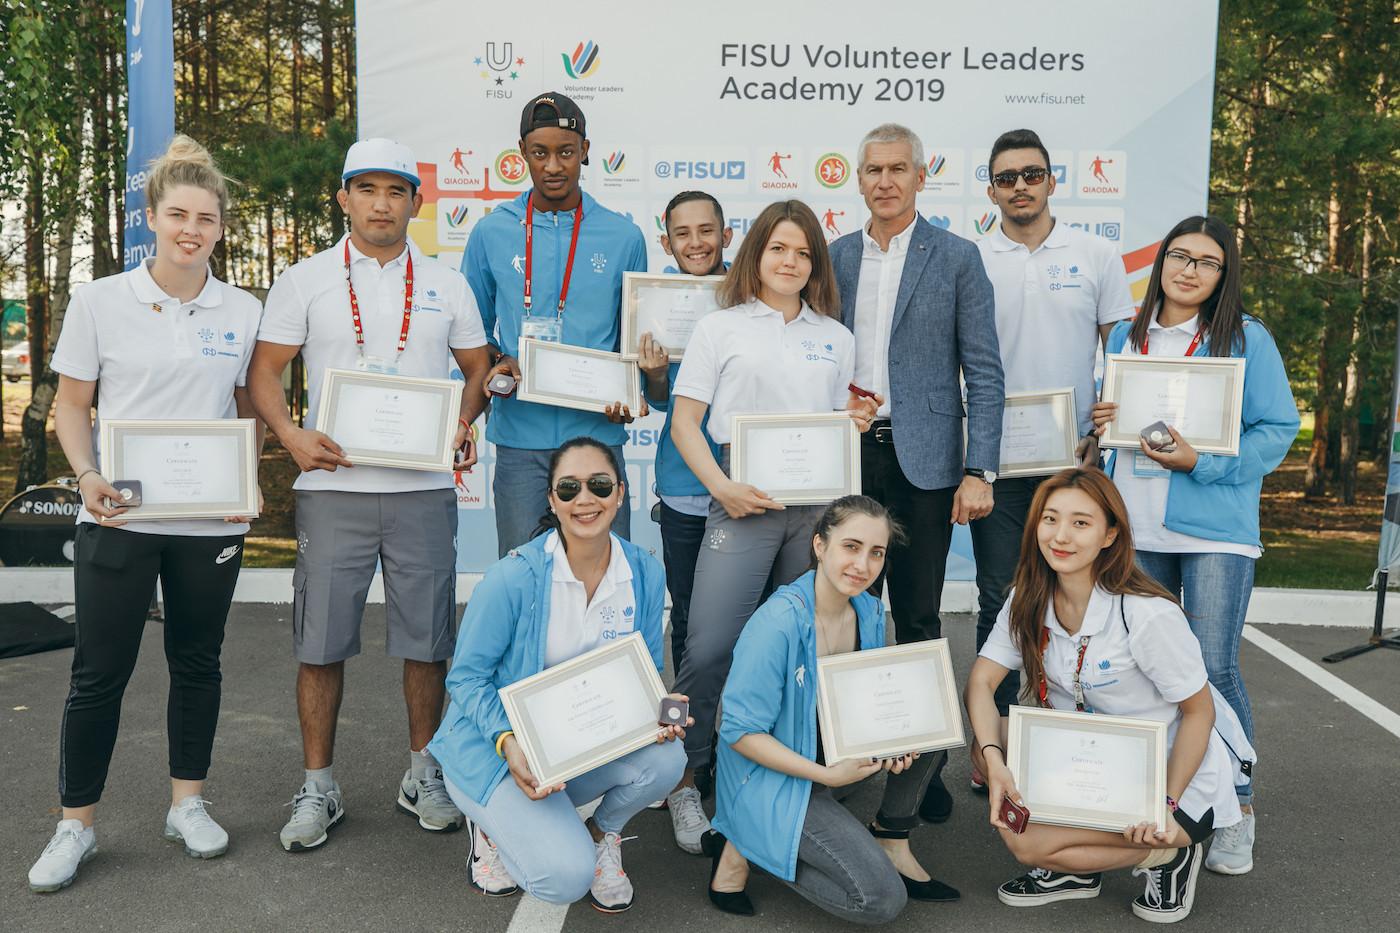 FISU President congratulates participants at Volunteer Leaders Academy